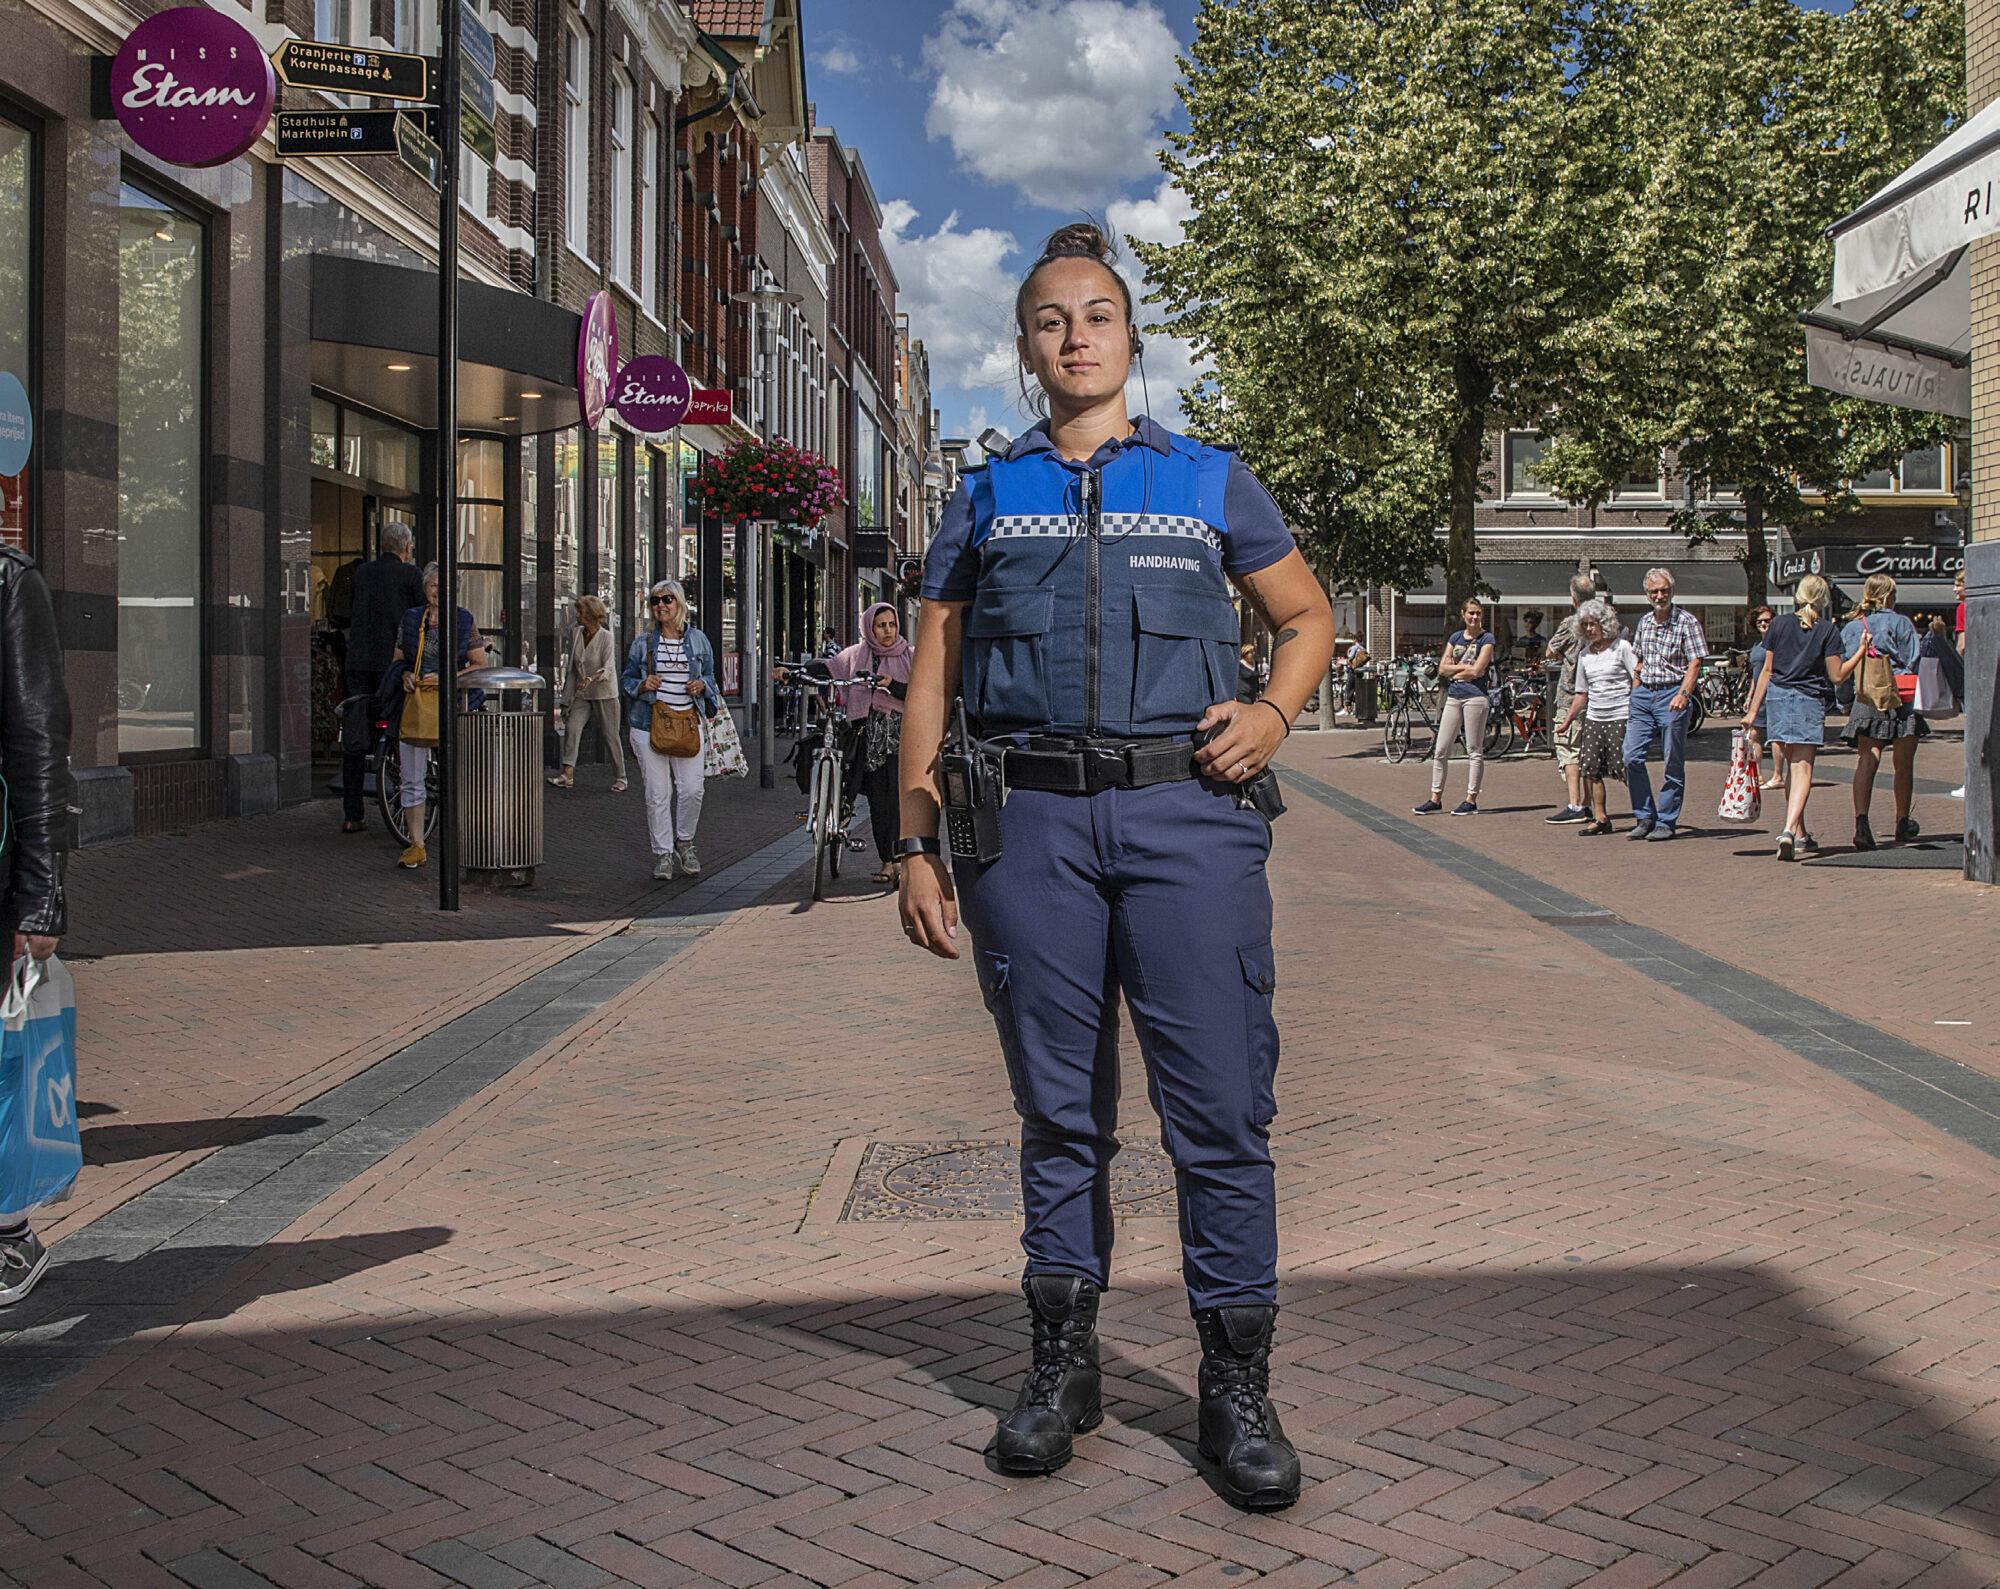 Rapport Rekenkamercommissie schetst positief beeld over toezicht en handhaving: 'Apeldoorn is een relatief veilige grote gemeente'